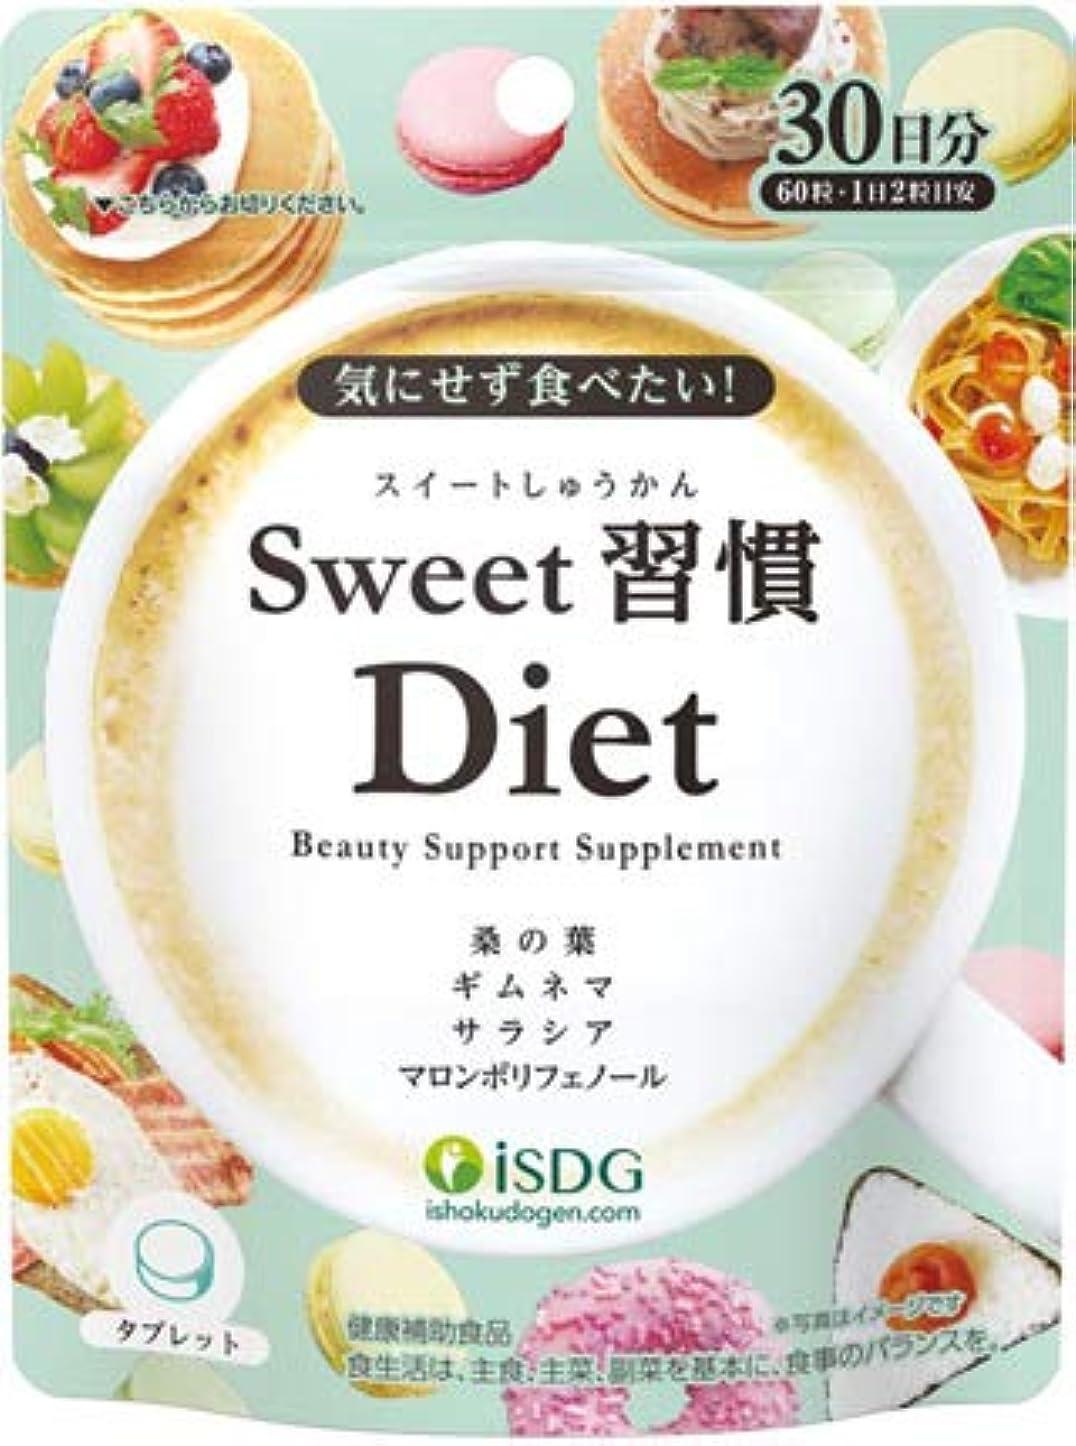 北東ラブ知っているに立ち寄る医食同源ドットコム 医食同源 Sweet 習慣 Diet 60粒×5個セット スイート ダイエット